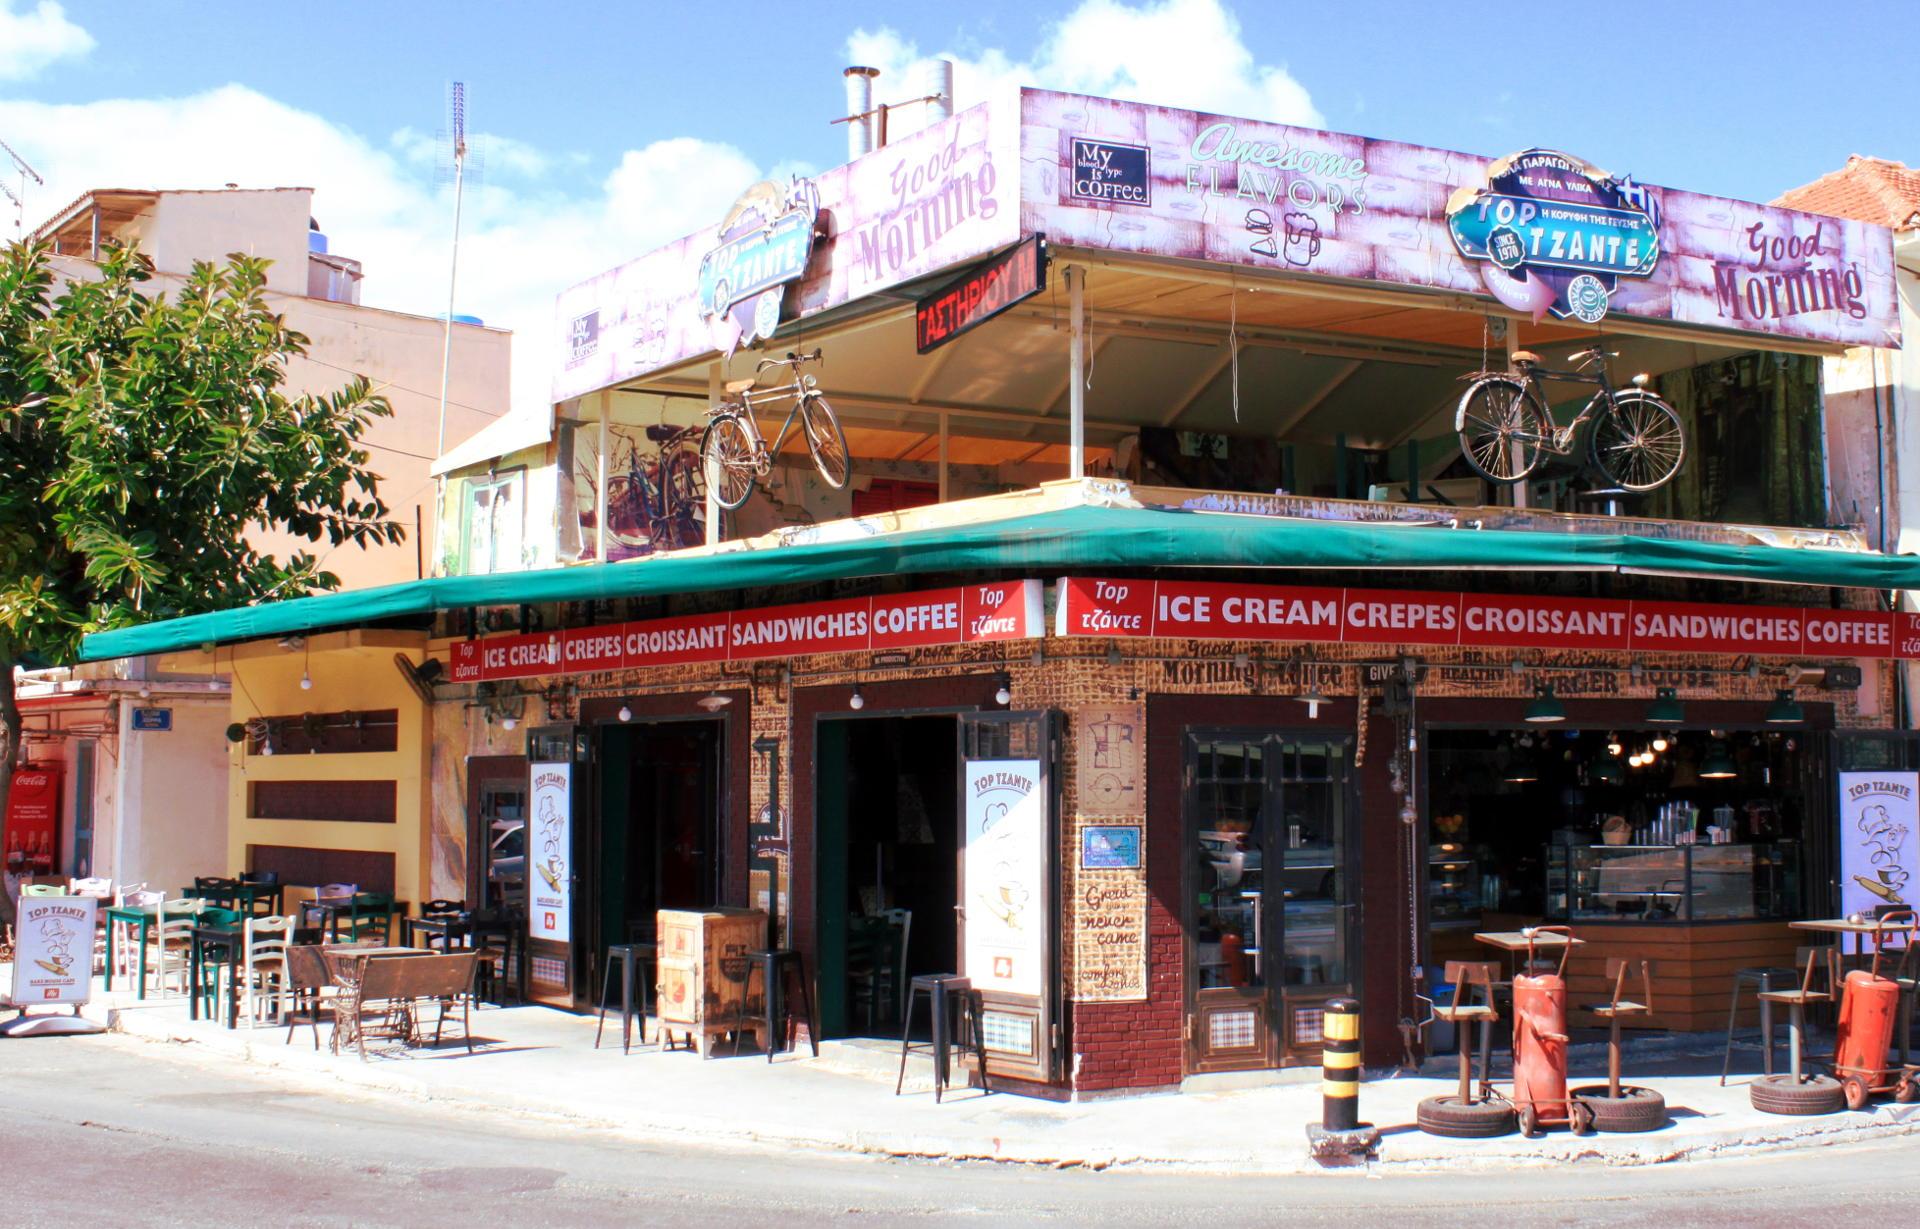 zakynthos grecja restauracje ulice iglawpodrozy